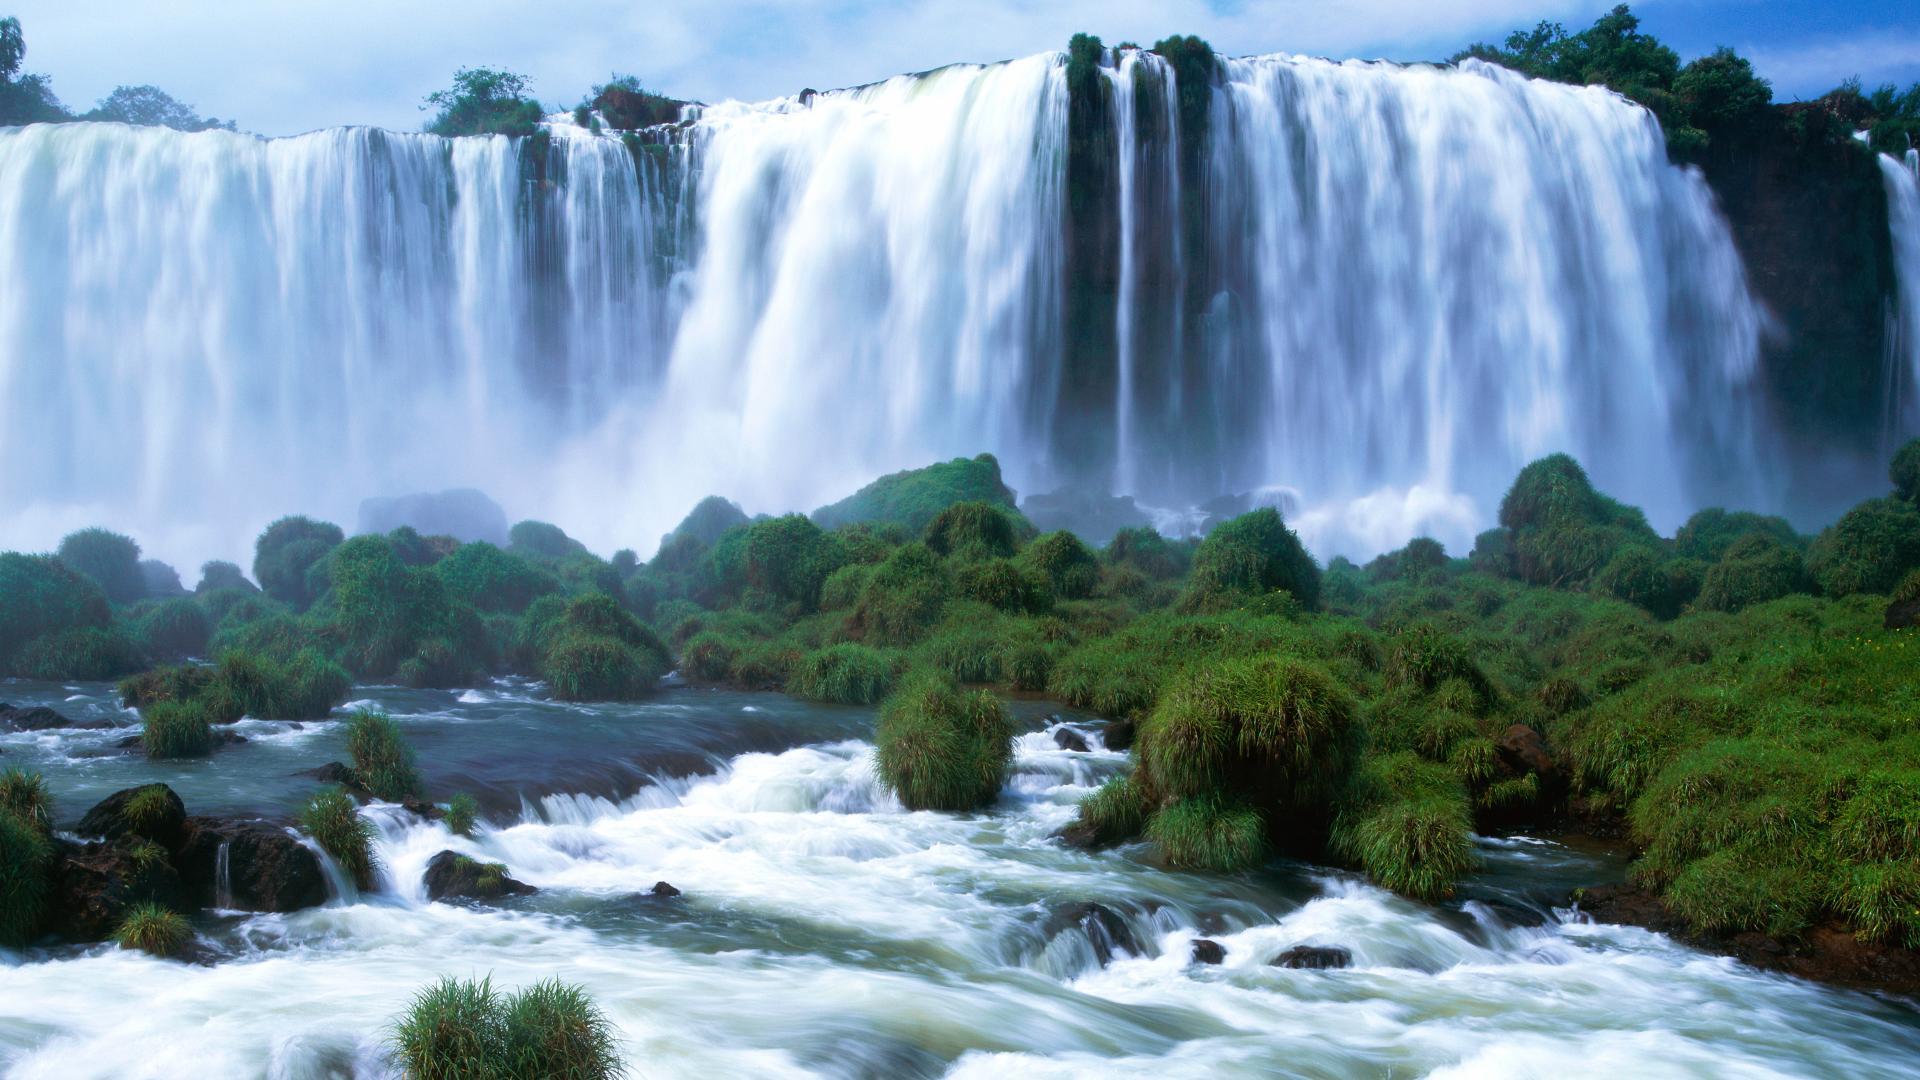 Θέλω μια φωτογραφία... - Σελίδα 5 Iguassu%20Falls